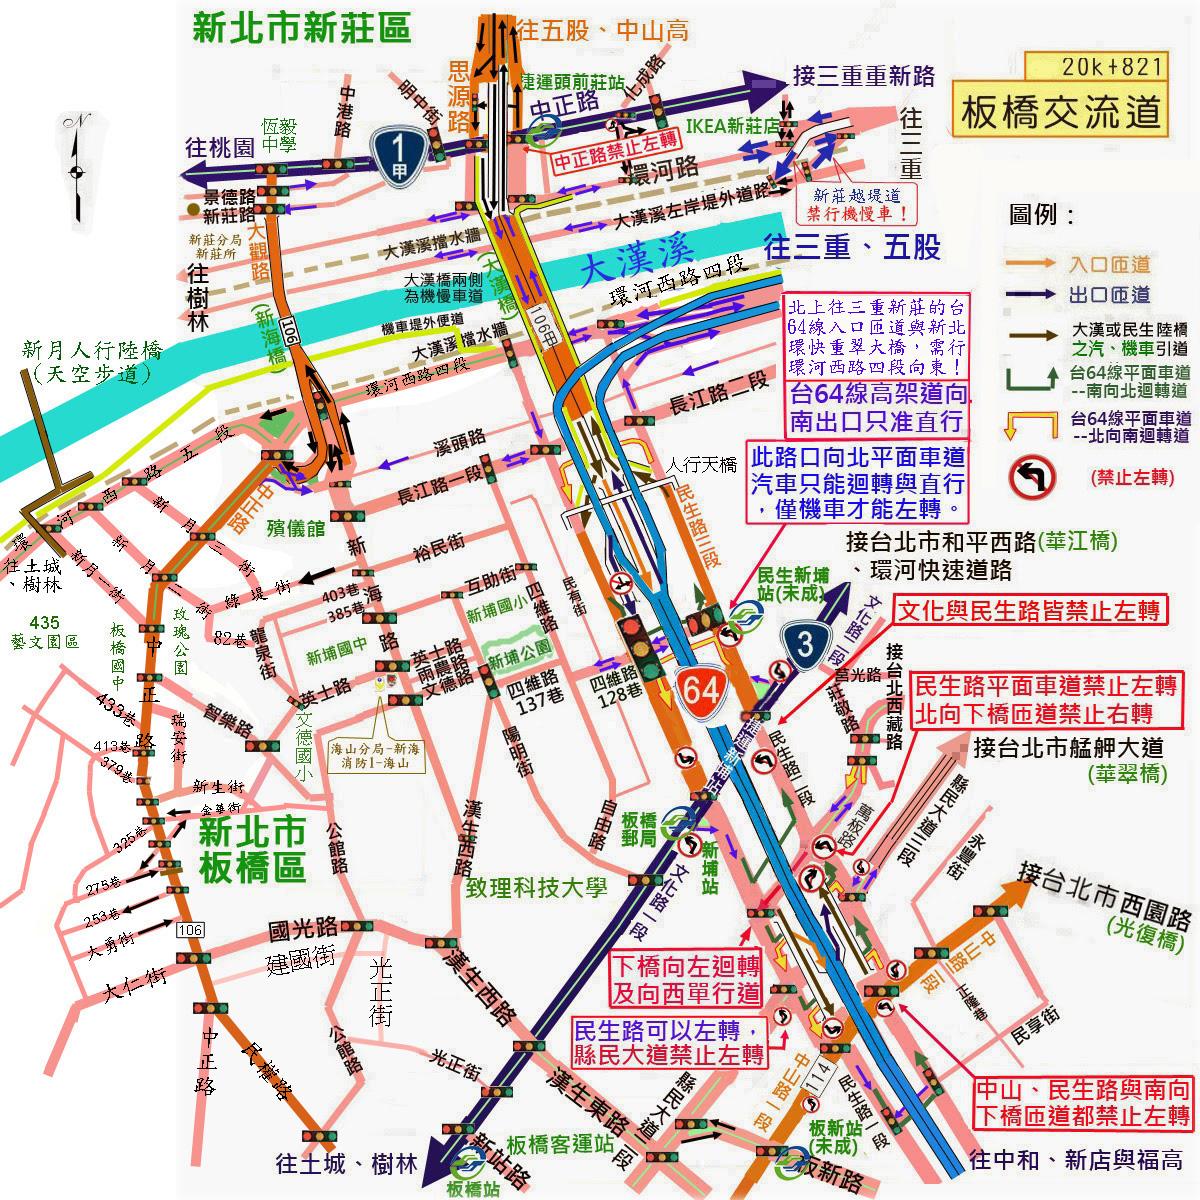 黃民彰的網站--Taiwan Taipei: 十一月 2010